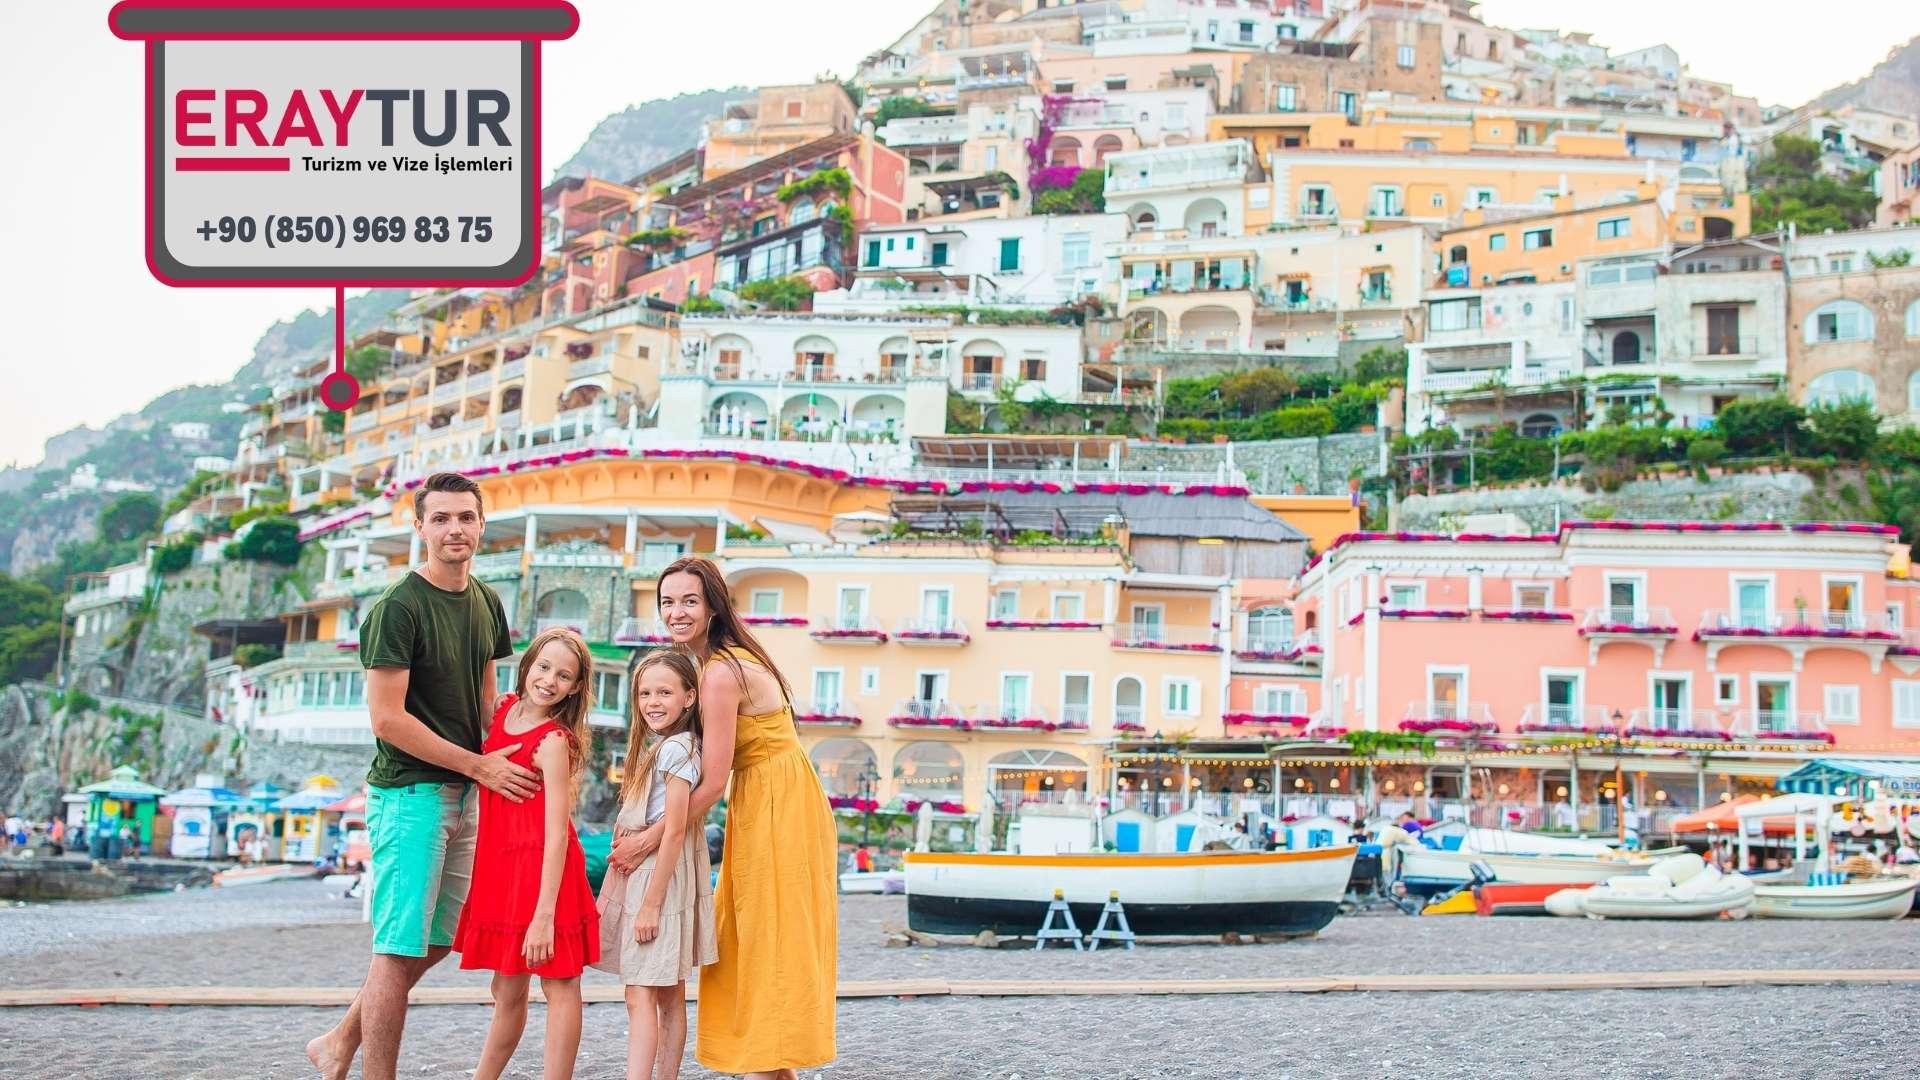 İtalya Aile Ziyareti Vize Dilekçe Örneği